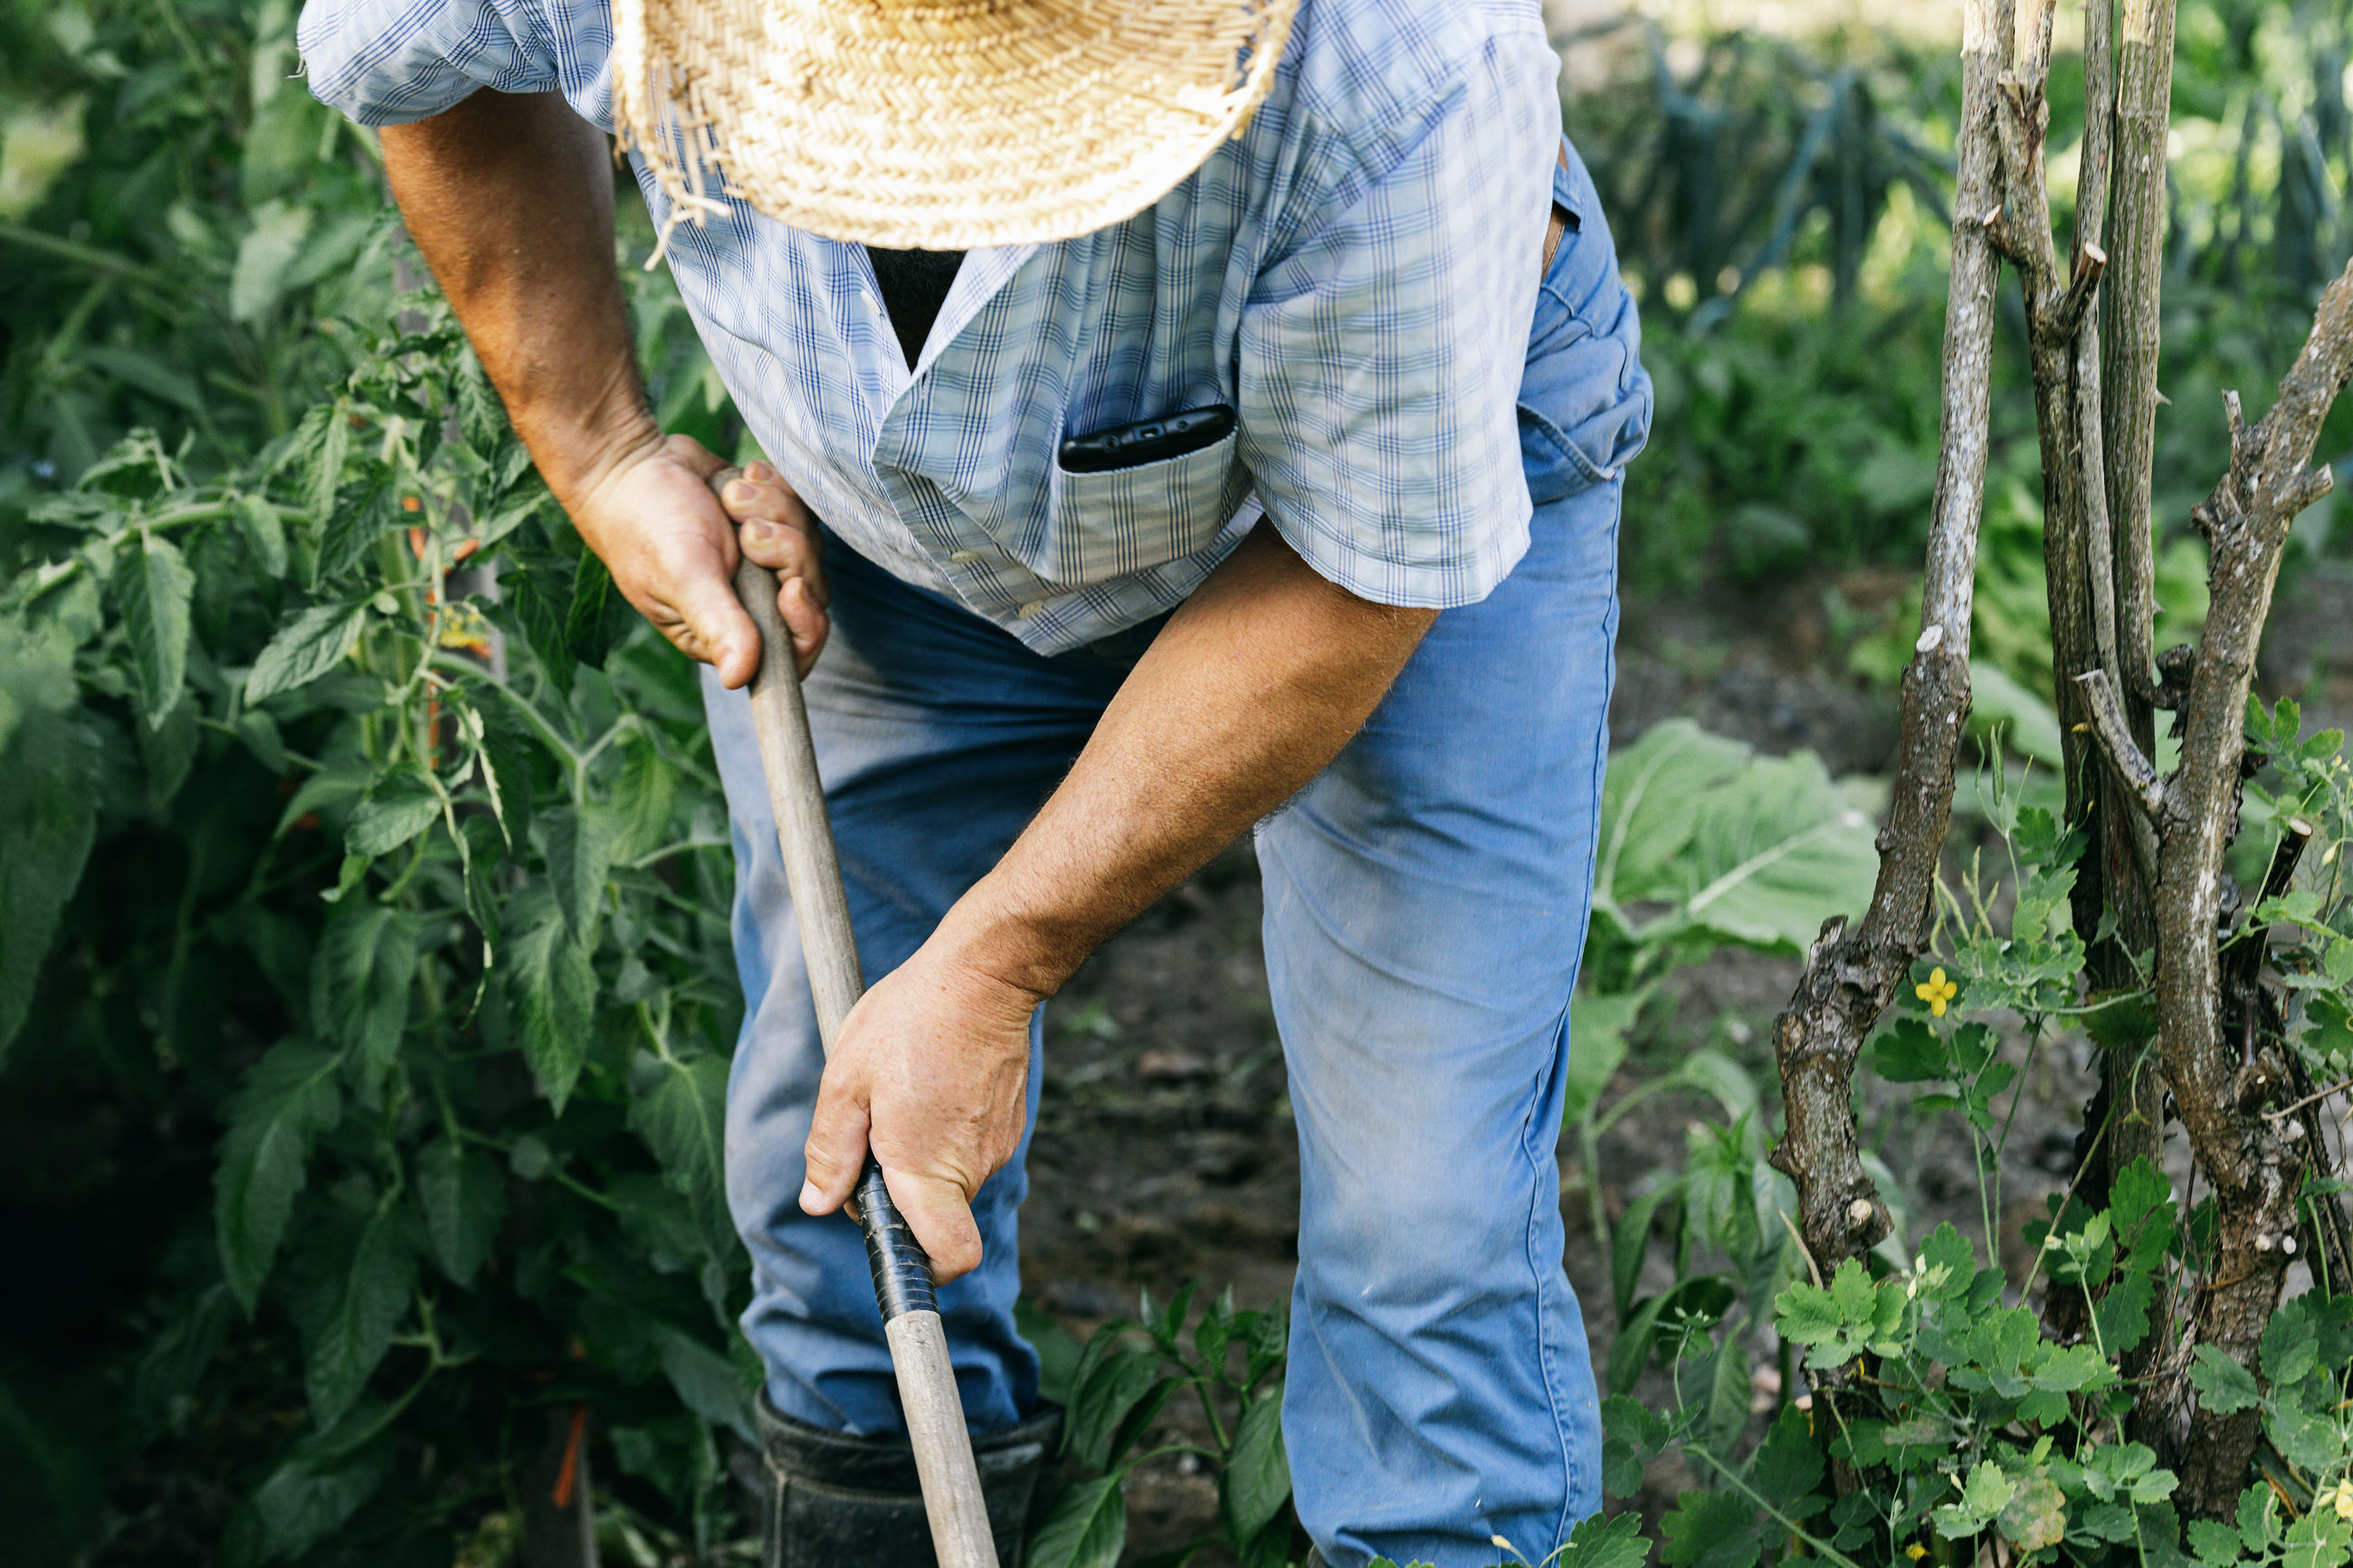 REAR VIEW OF MAN WORKING IN FIELD